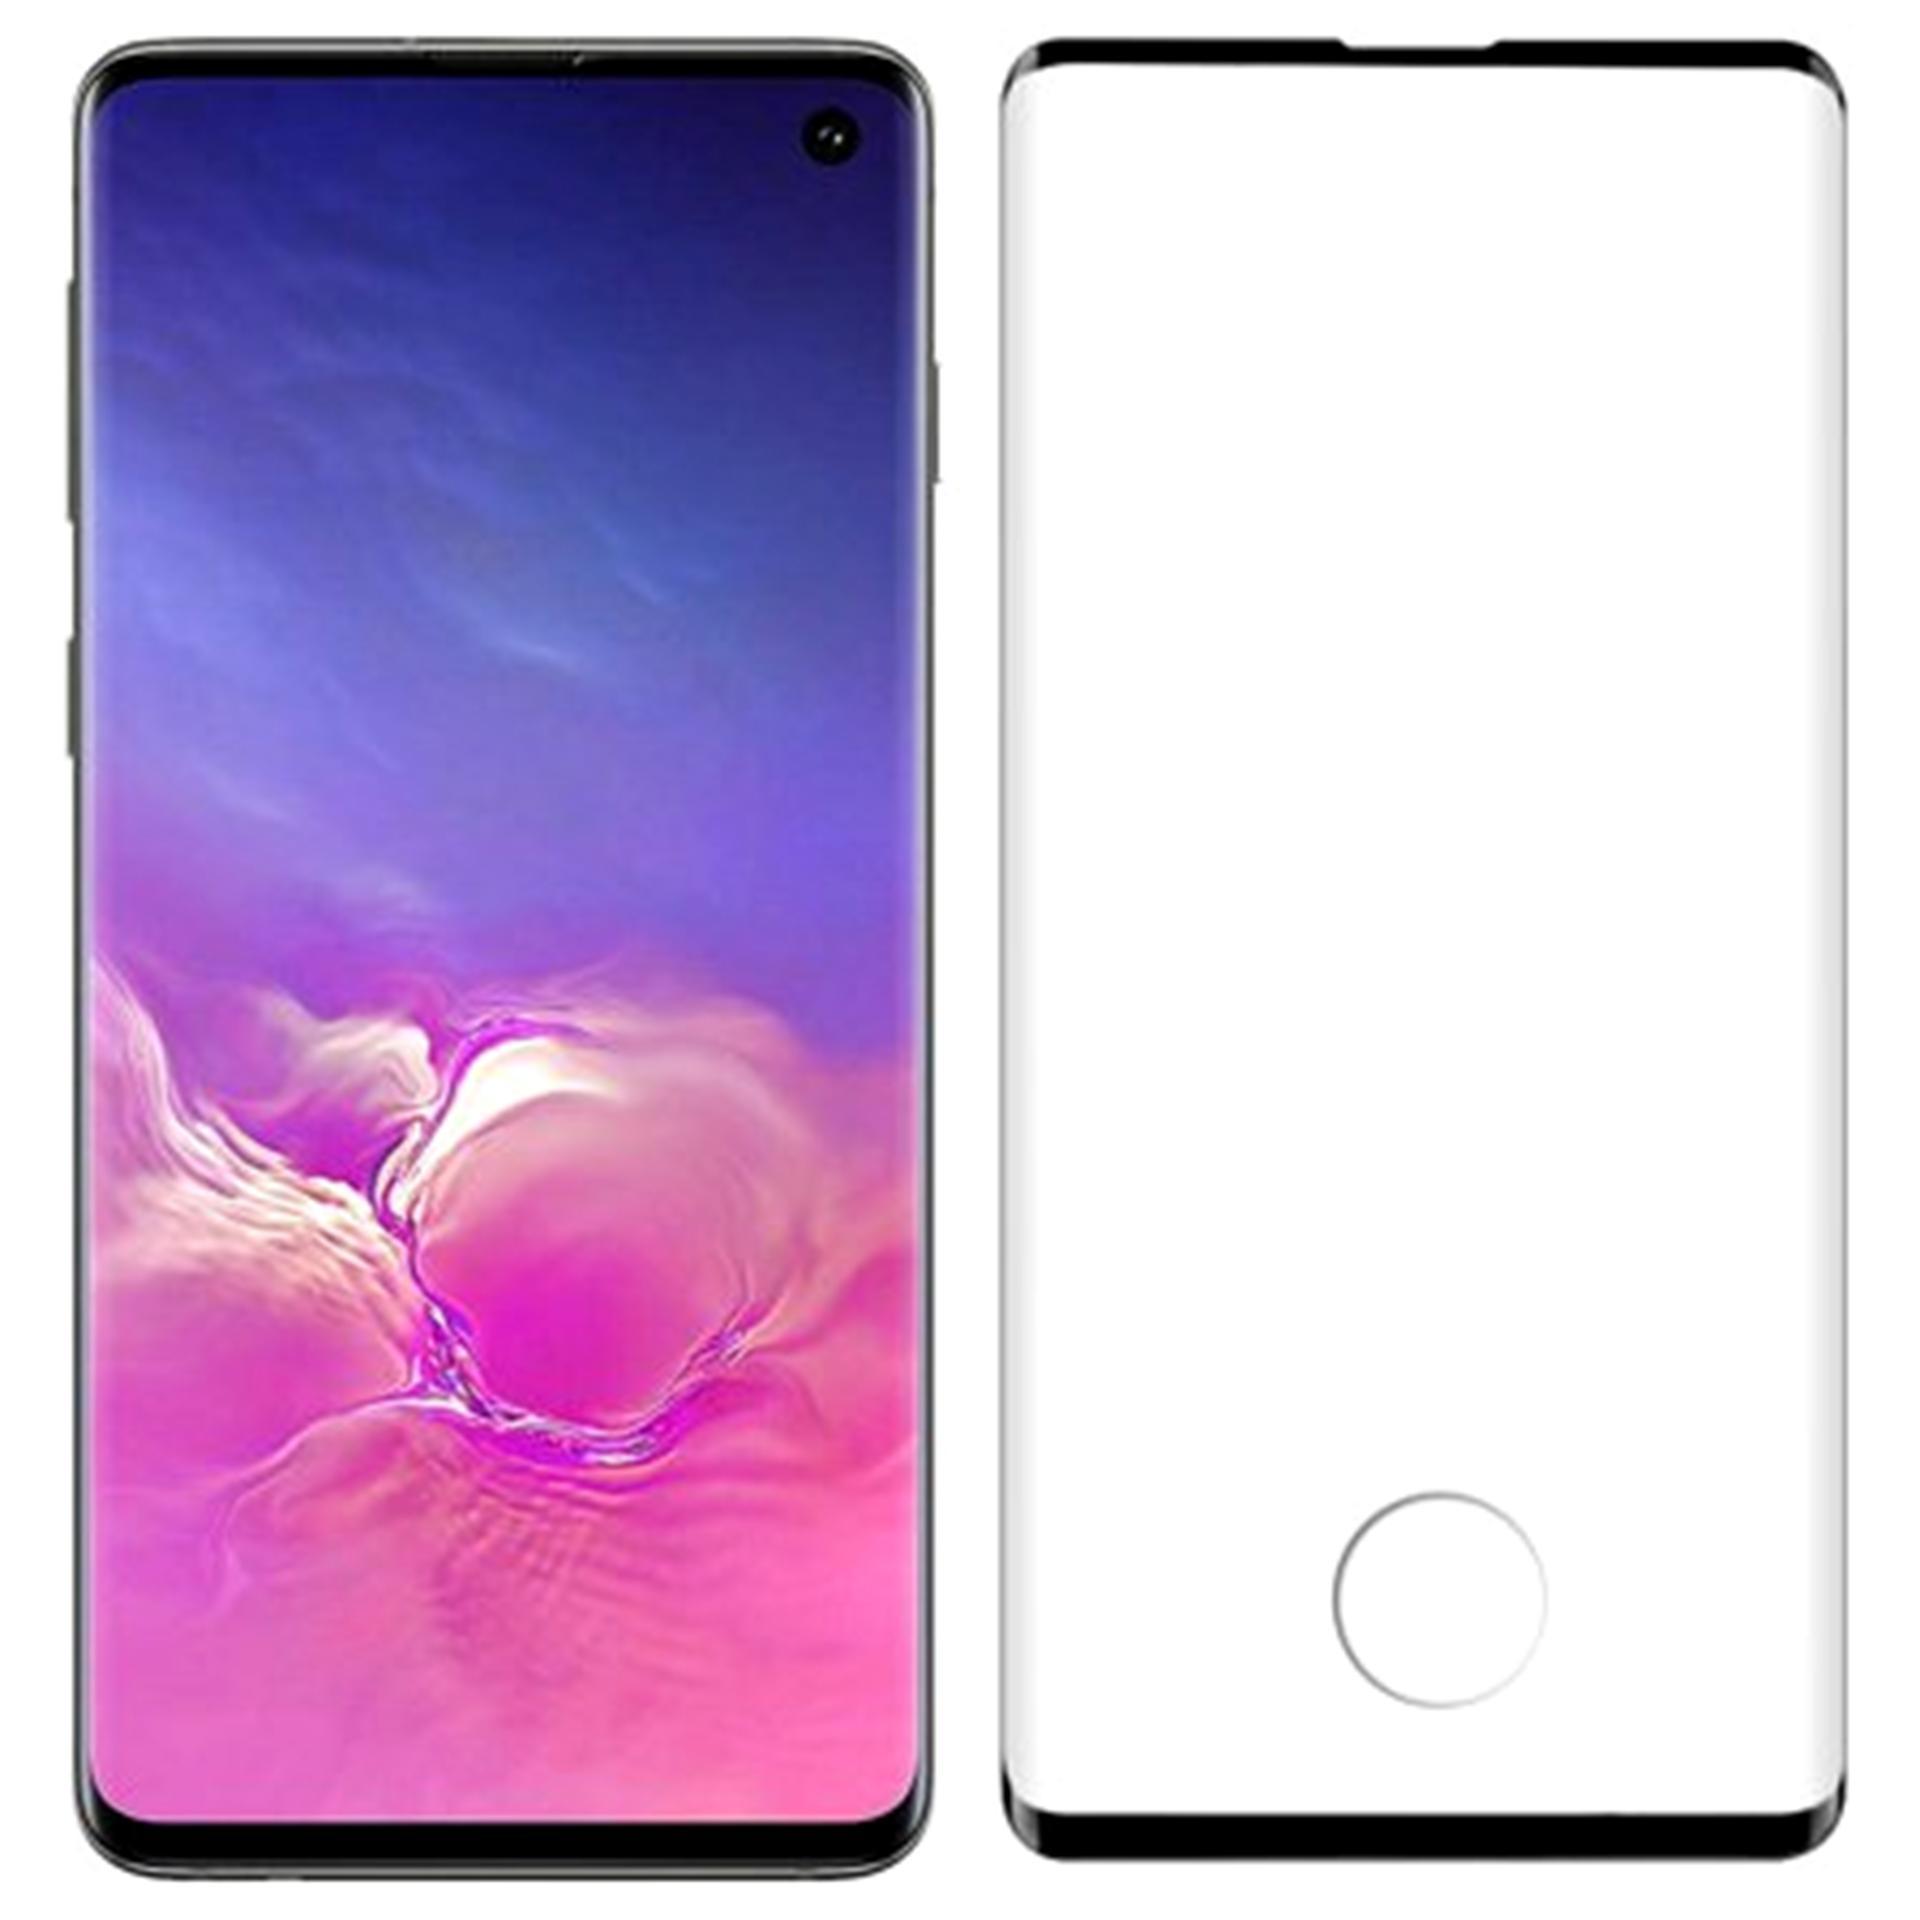 محافظ صفحه نمایش ای ام سی مدل HF-1 مناسب برای گوشی موبایل سامسونگ Galaxy S10 Plus